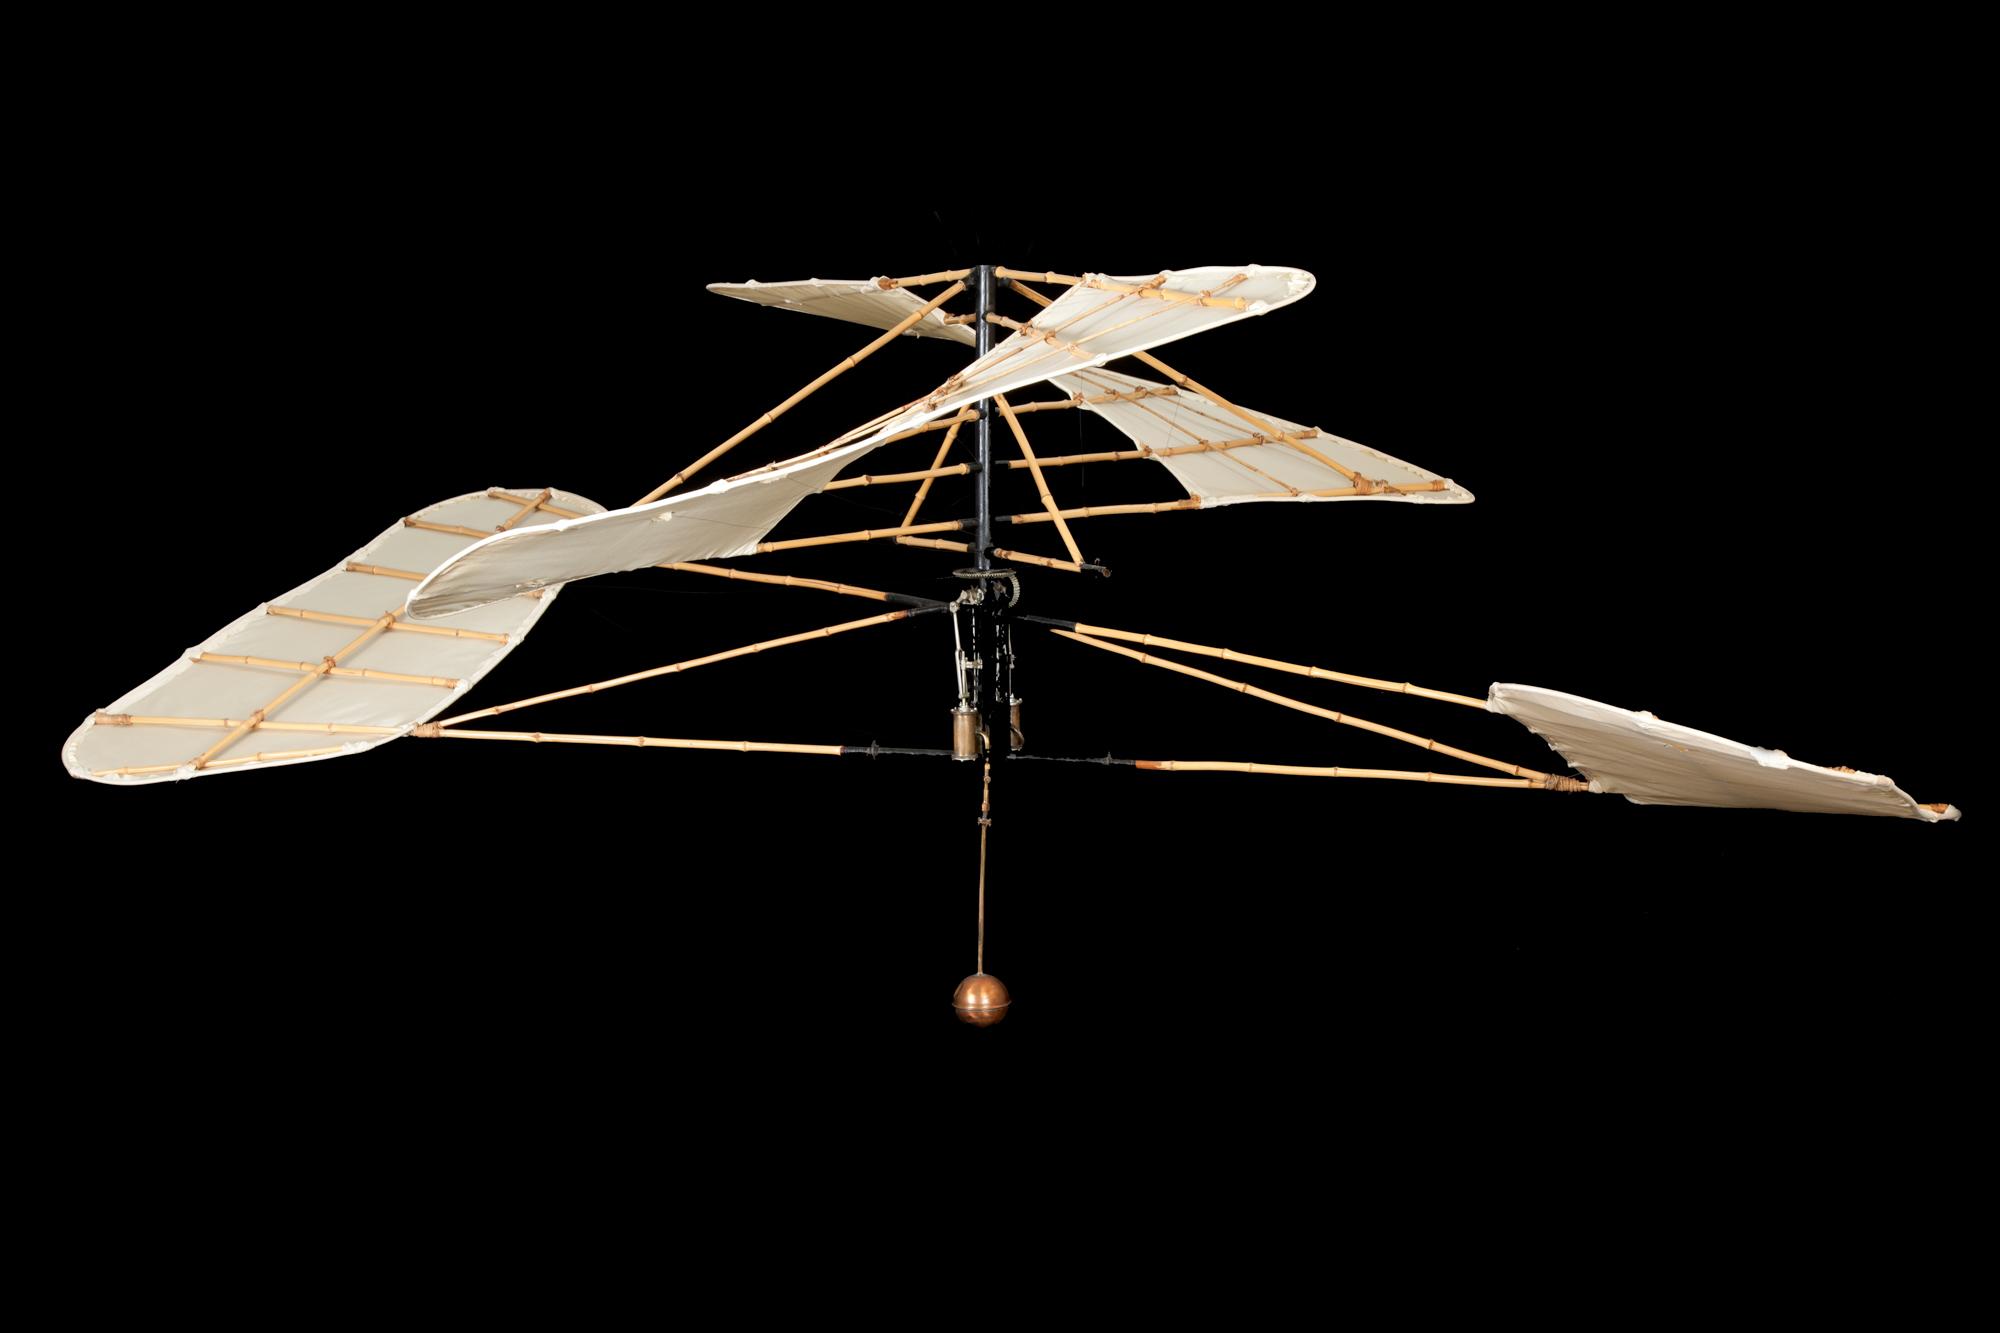 Elicottero Wikipedia : File elicottero sperimentale enrico forlanini museo